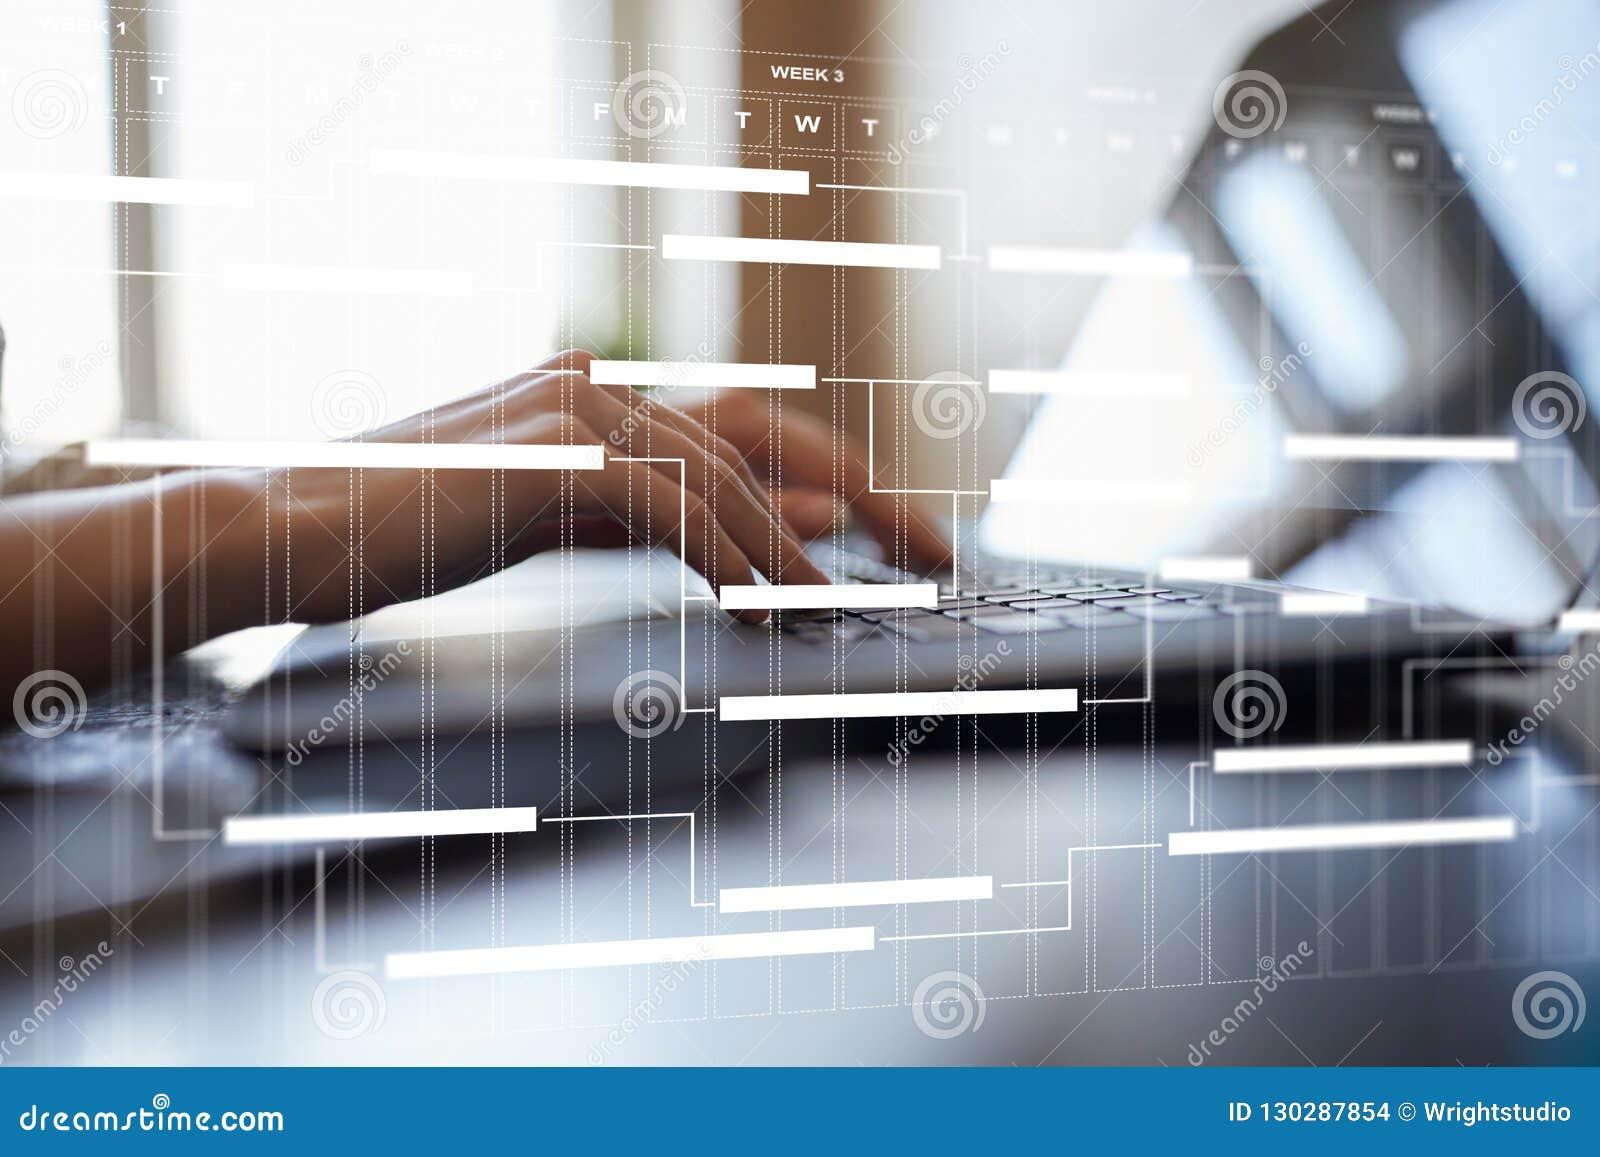 在虚屏上的项目管理图 计划 时间安排